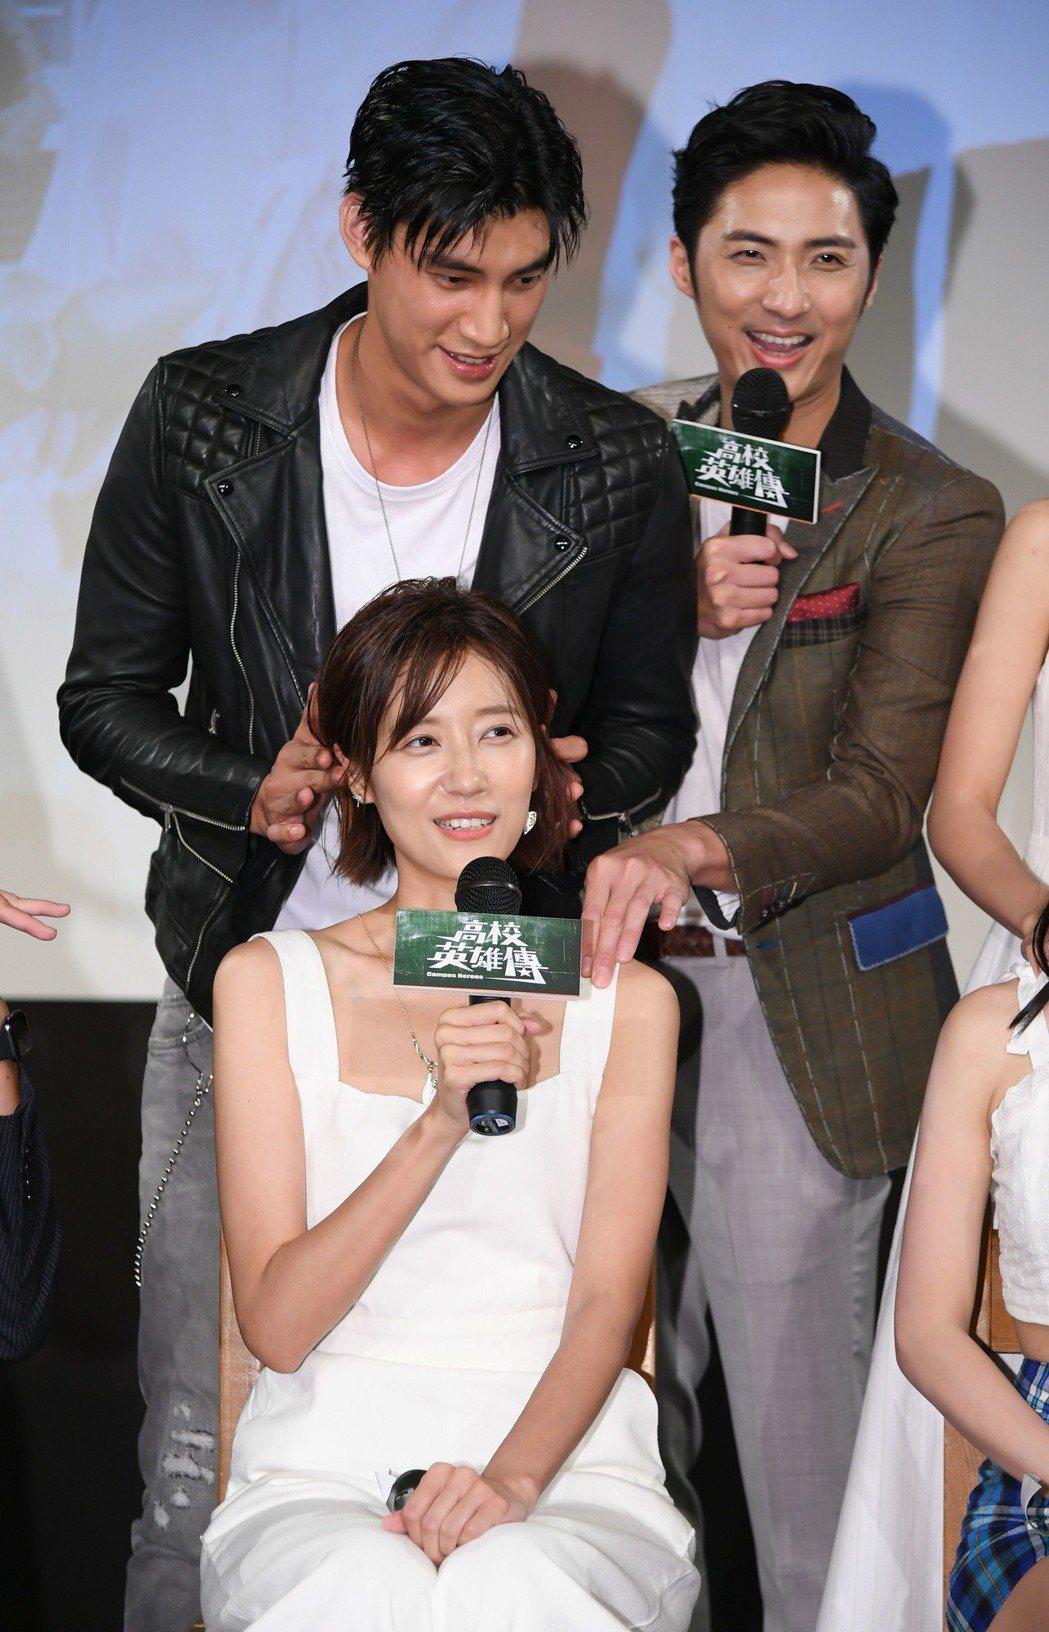 羅宏正為劉宇菁進行耳朵按摩,覺得超害羞。圖/三立提供